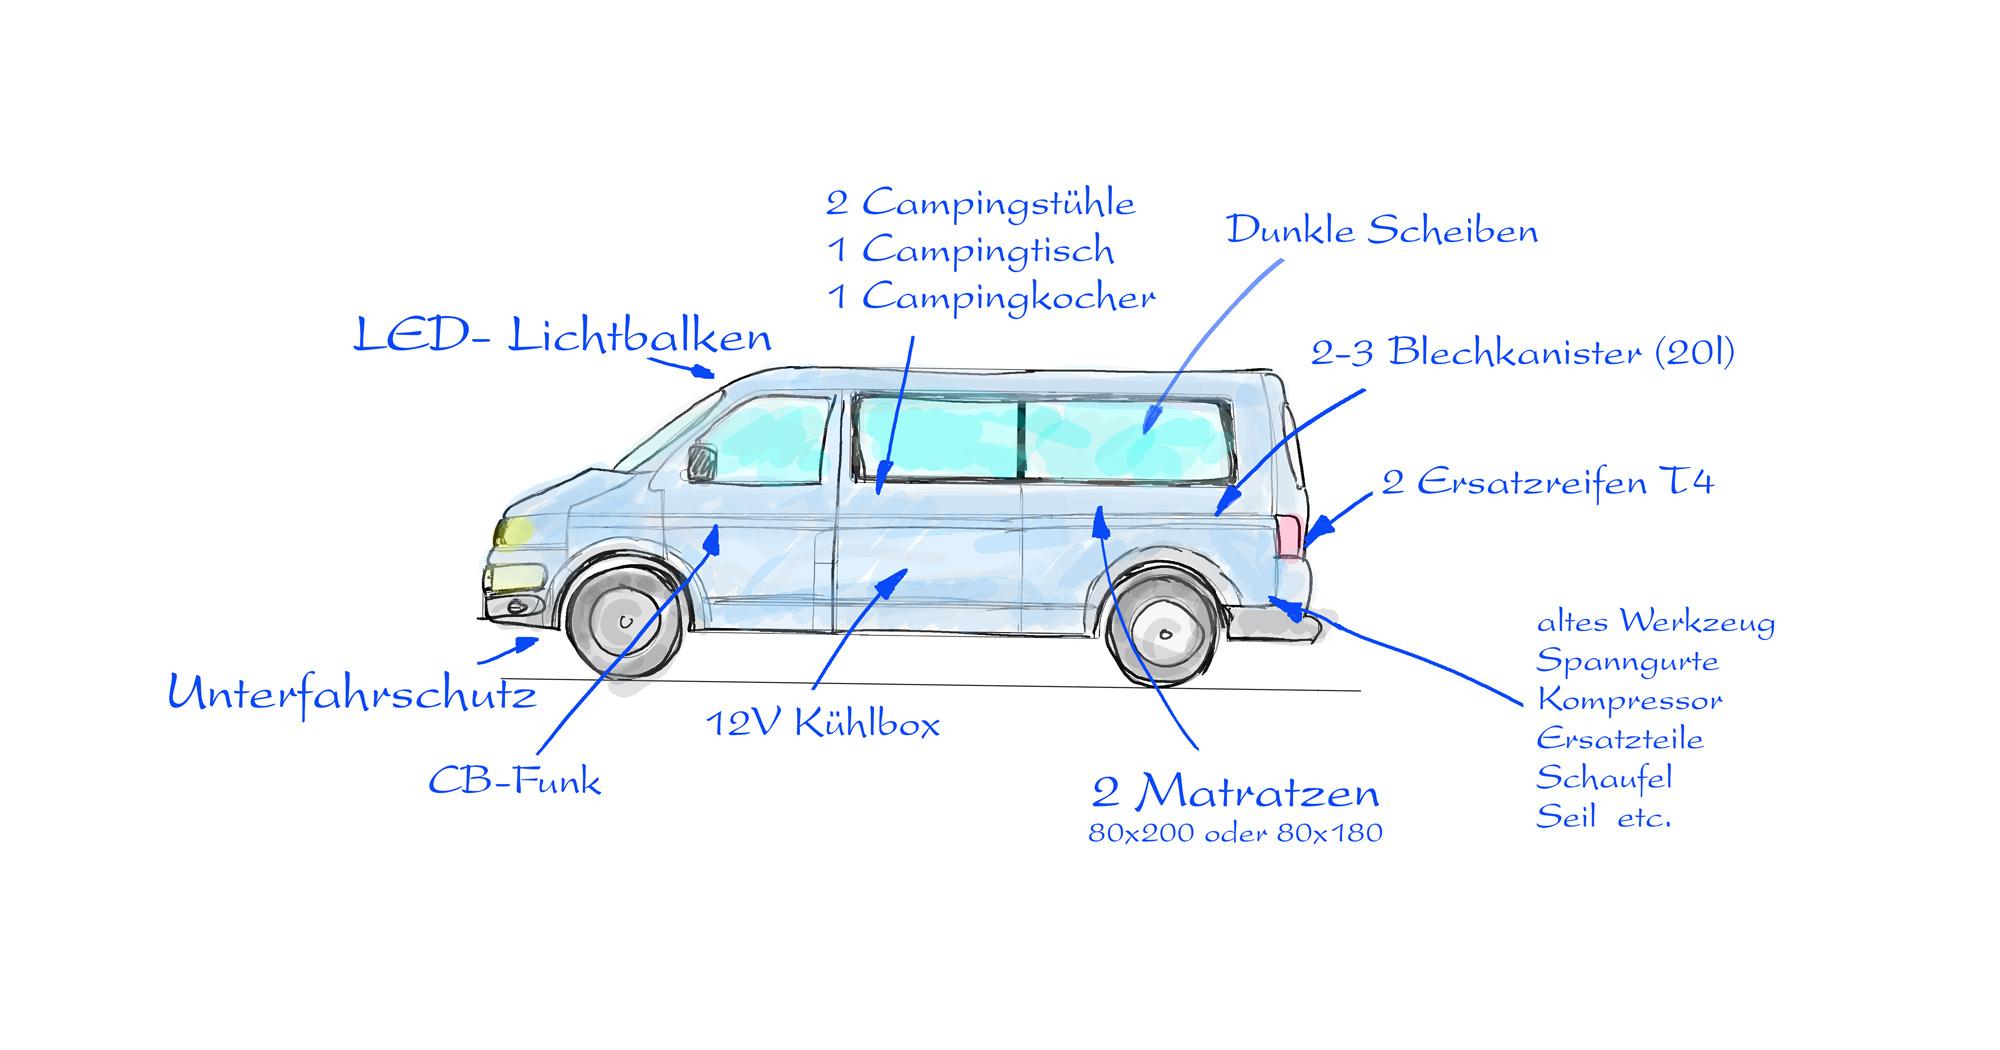 Sachspenden-grafik